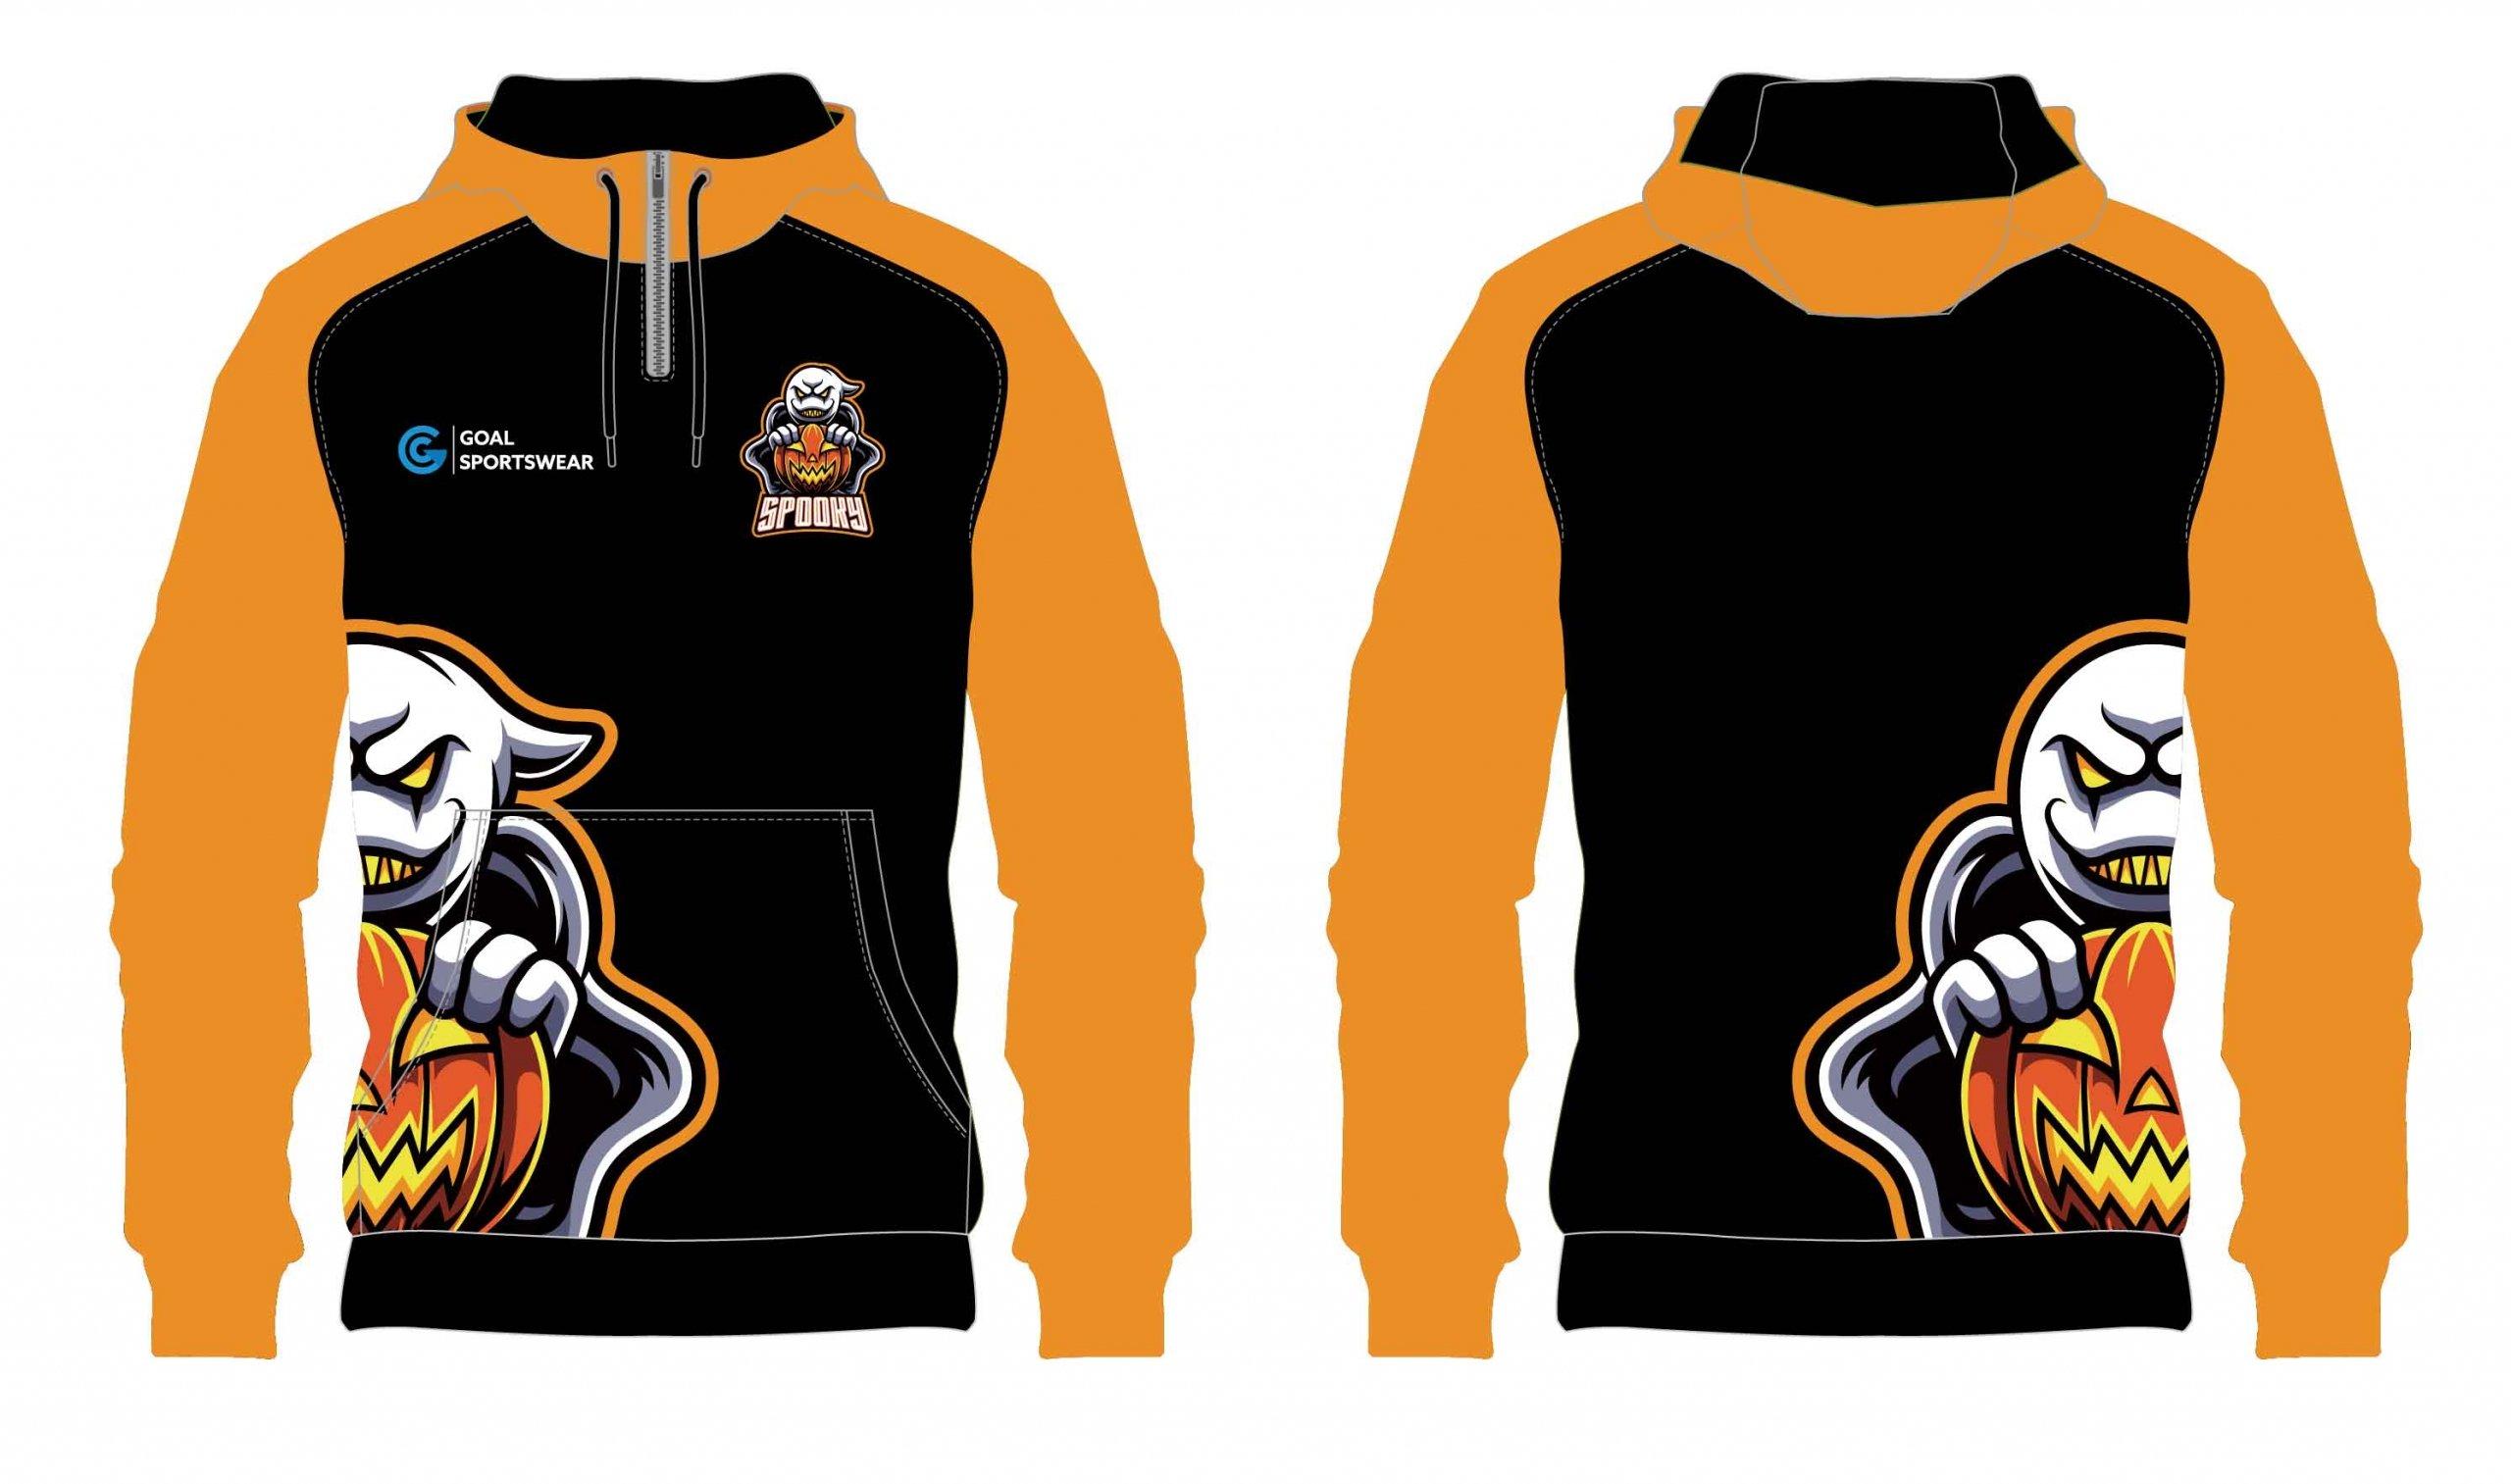 Full dye sublimation wholesale custom wrestling sweatshirts